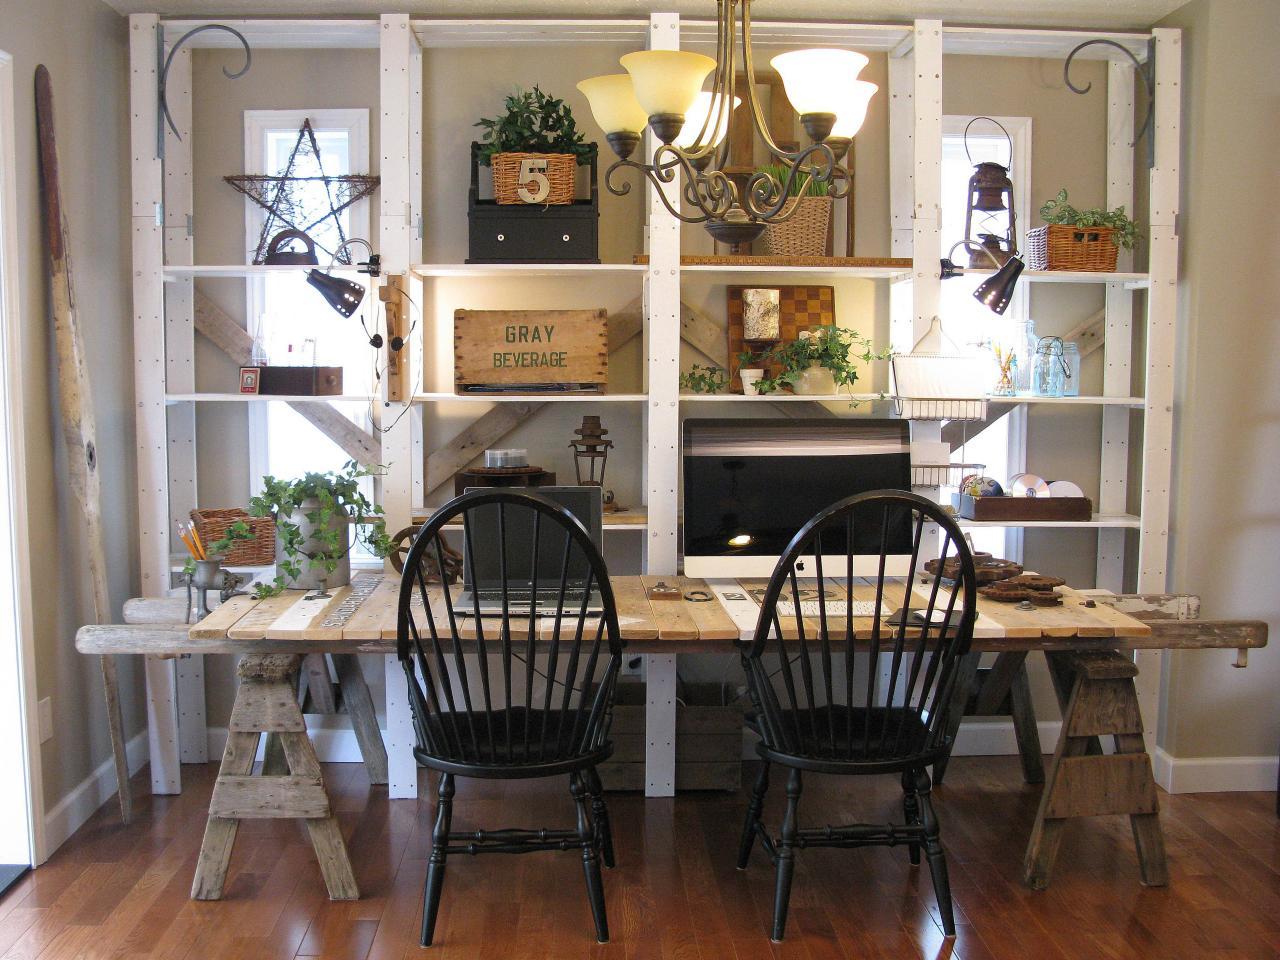 """7 cách tận dụng đồ cũ để làm đẹp nhà """"siêu chất"""" - Ảnh 2."""